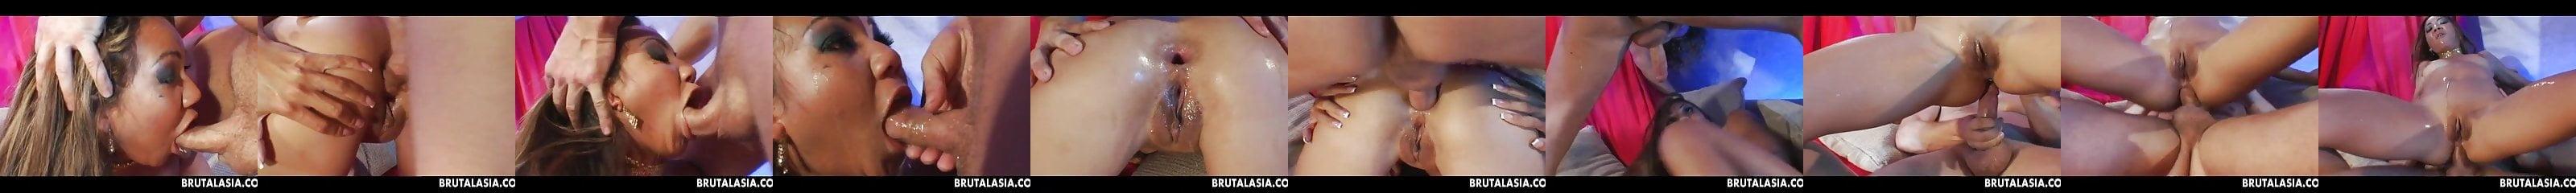 xxx sexy geisha gifs